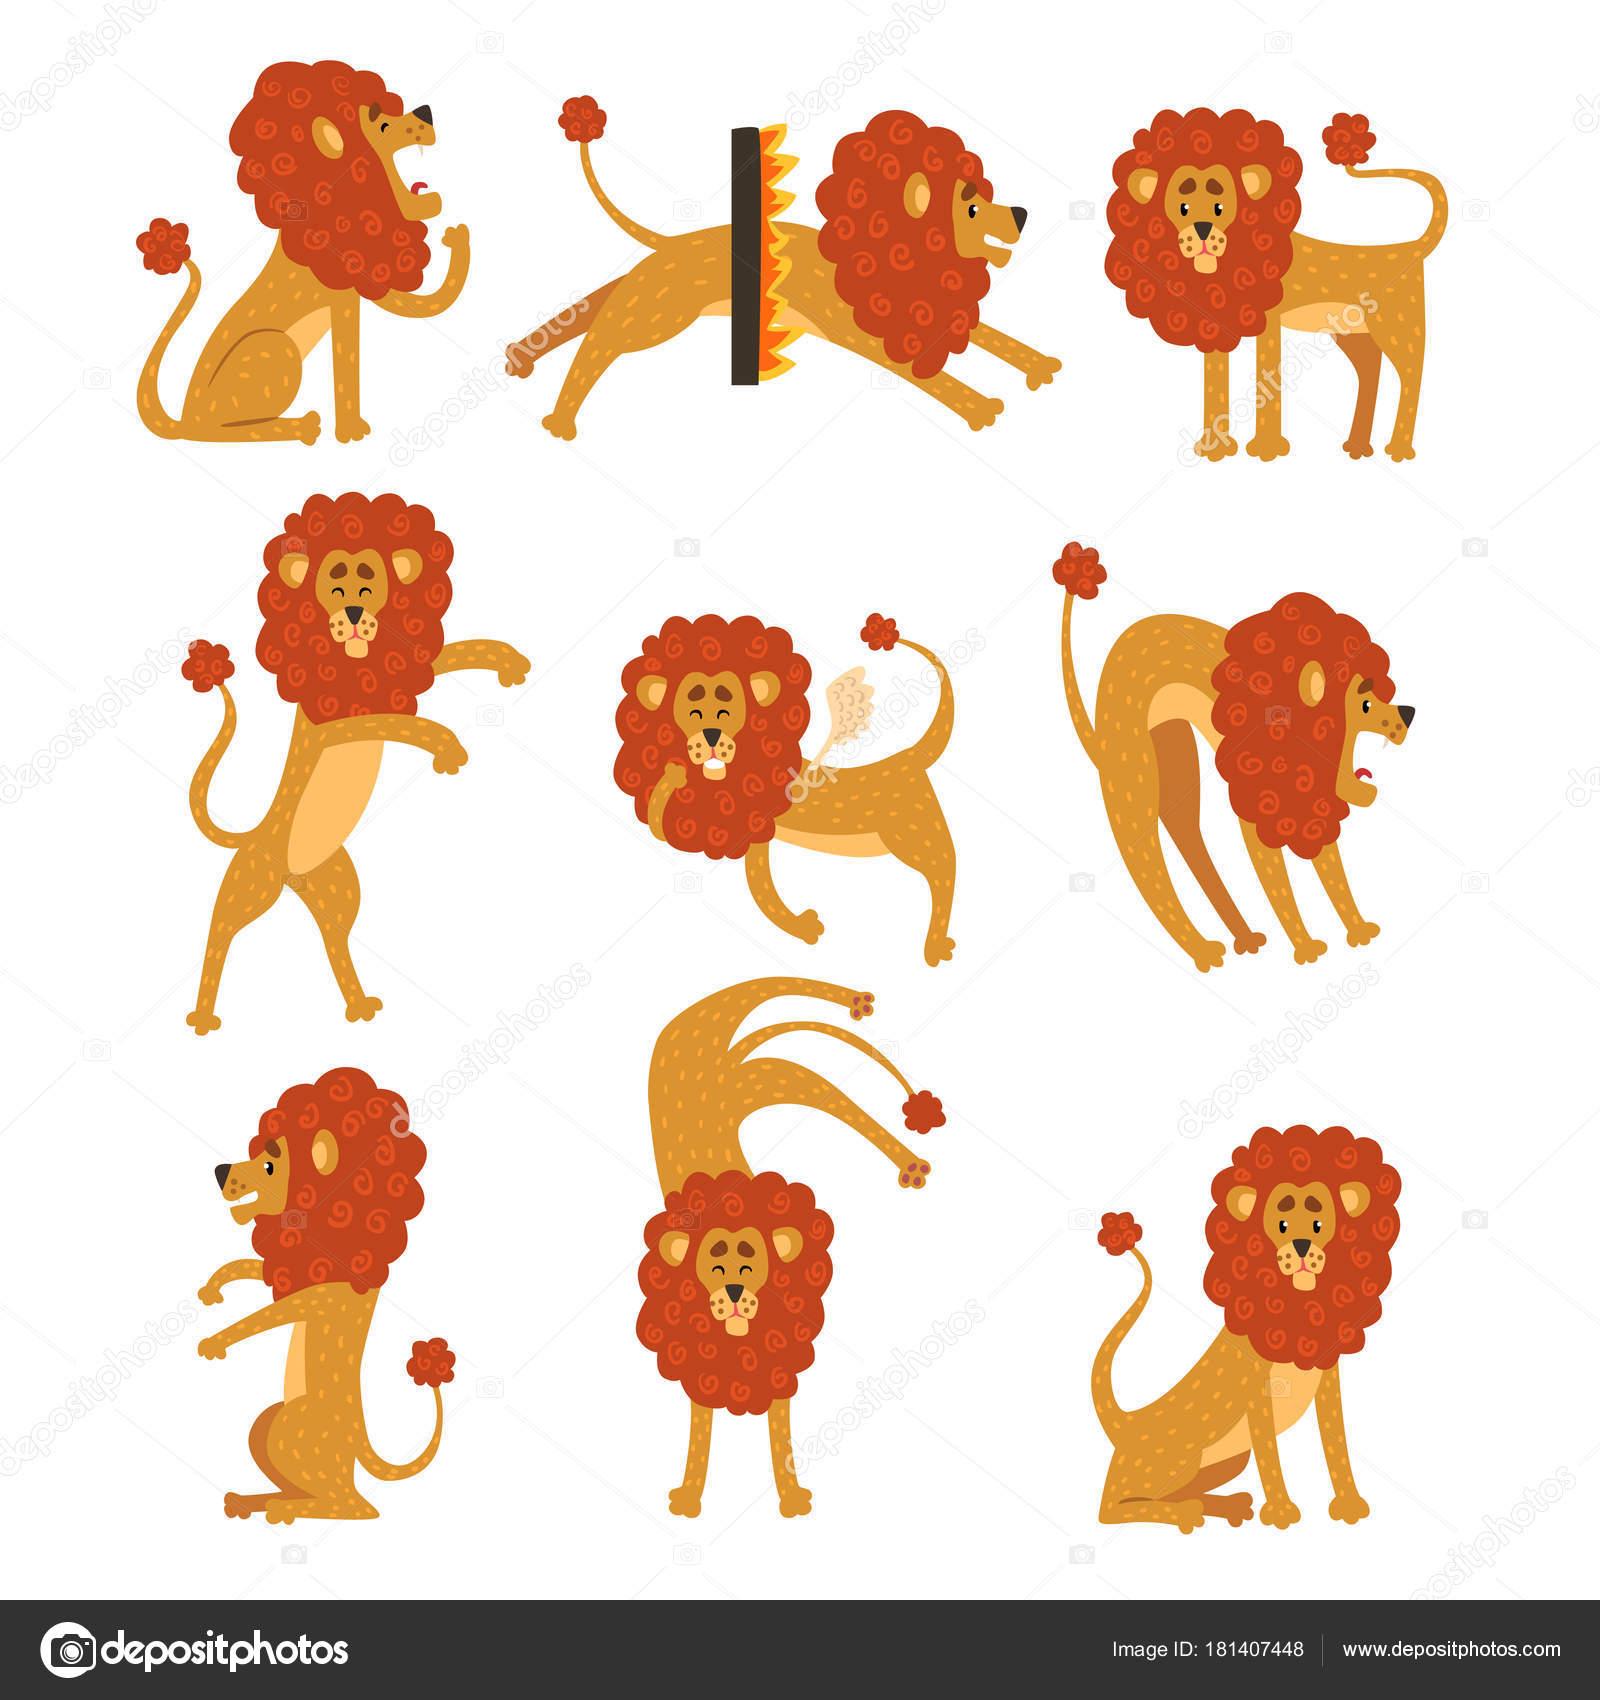 Kolekce Ze Lva V Ruznych Pozach Kreslene Postavicky Z Divokych